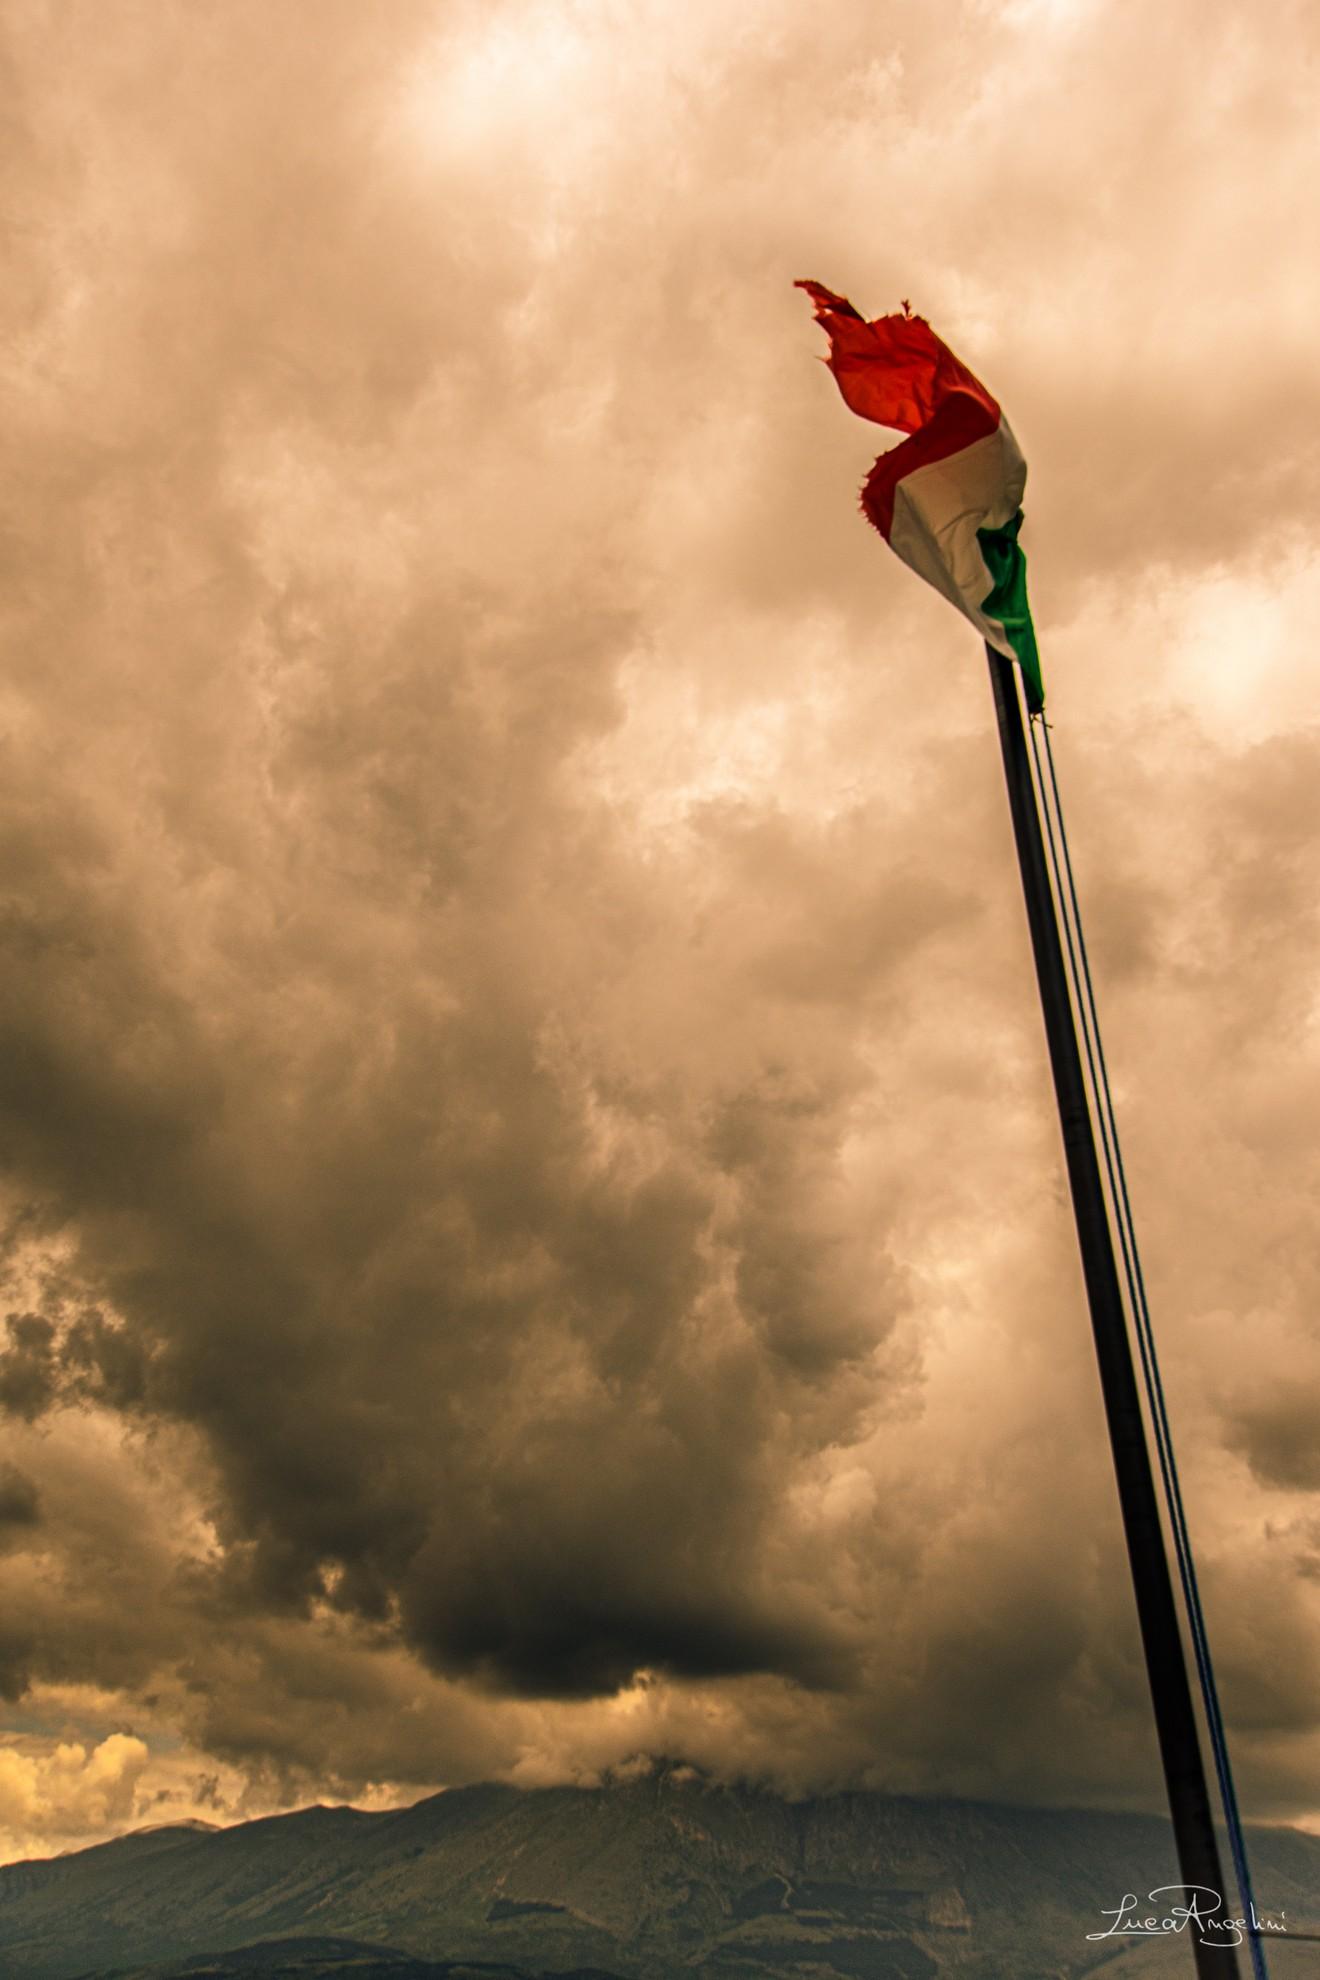 """- VIVA L'ITALIA - FRANCESCO DE GREGORI """"...L'Italia con gli occhi aperti nella notte triste viva l'Italia l'Italia che resiste..."""""""